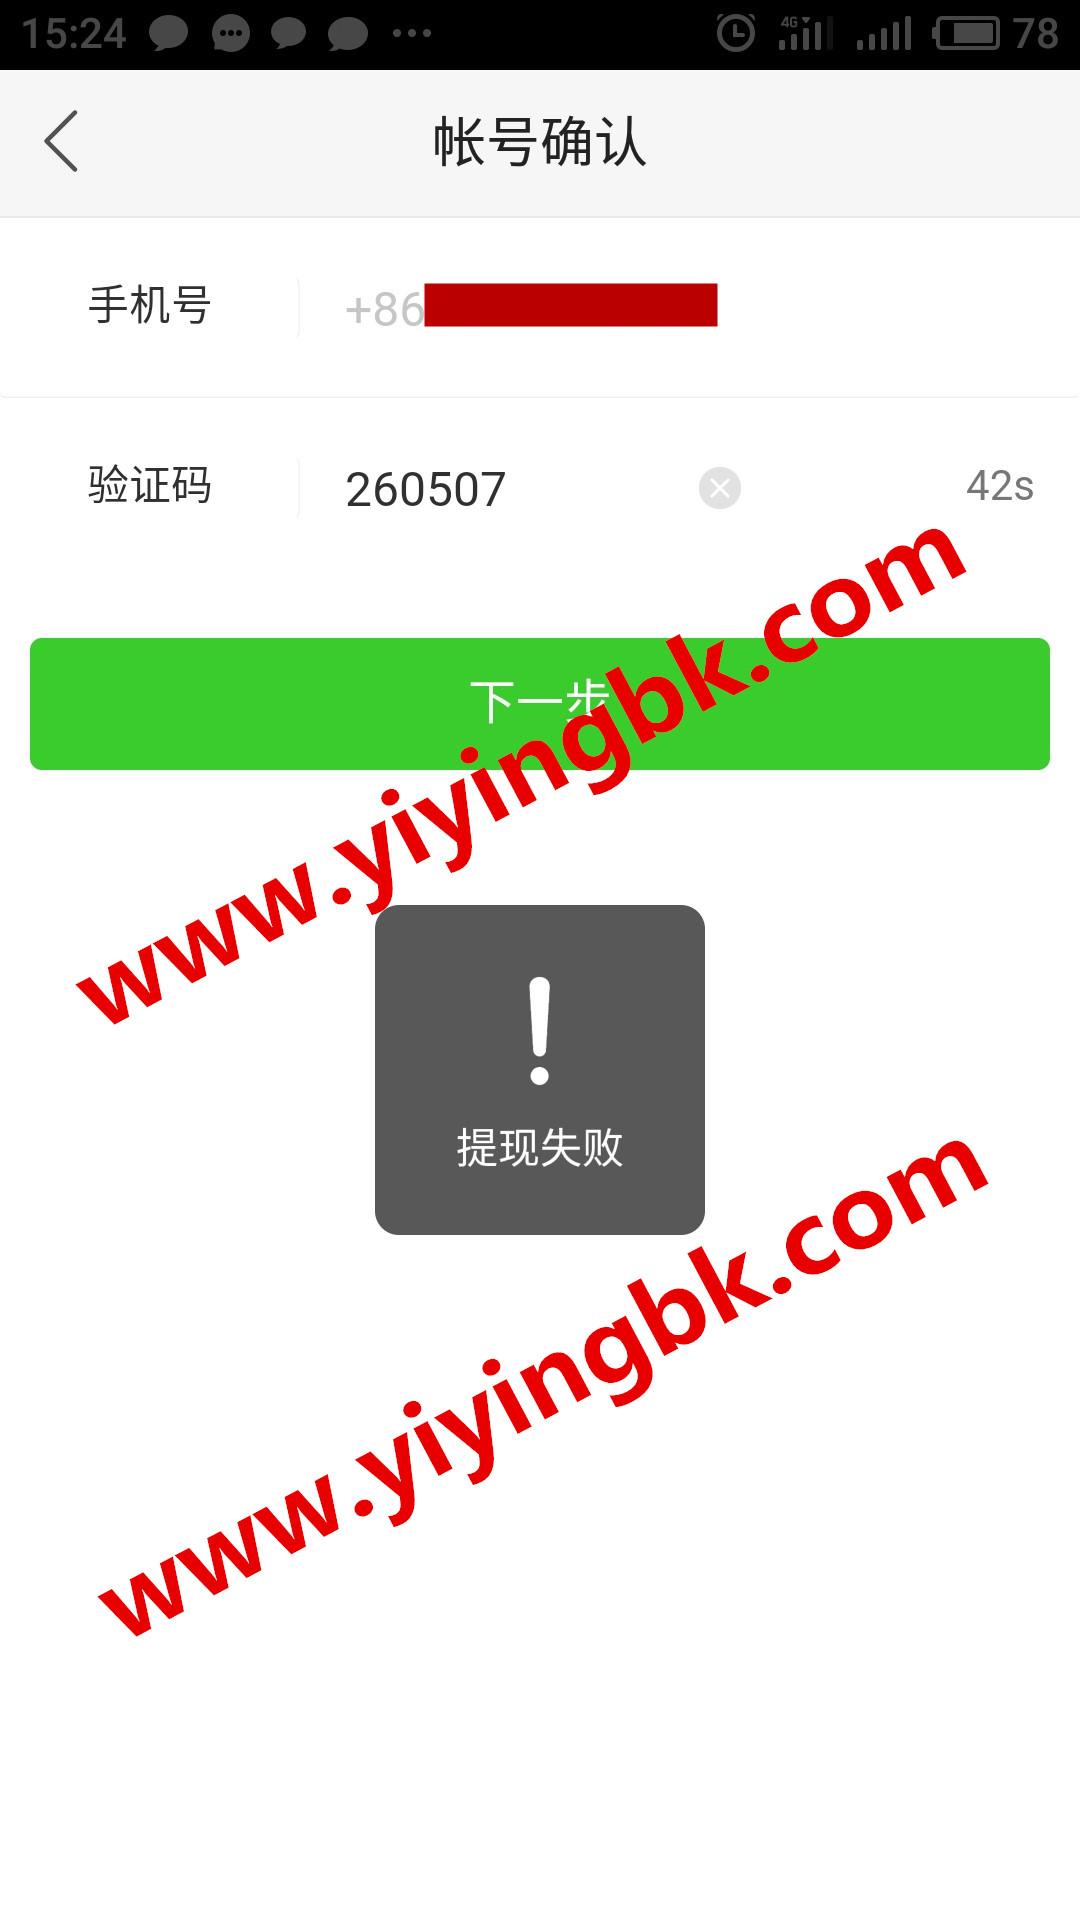 提现失败,www.yiyingbk.com